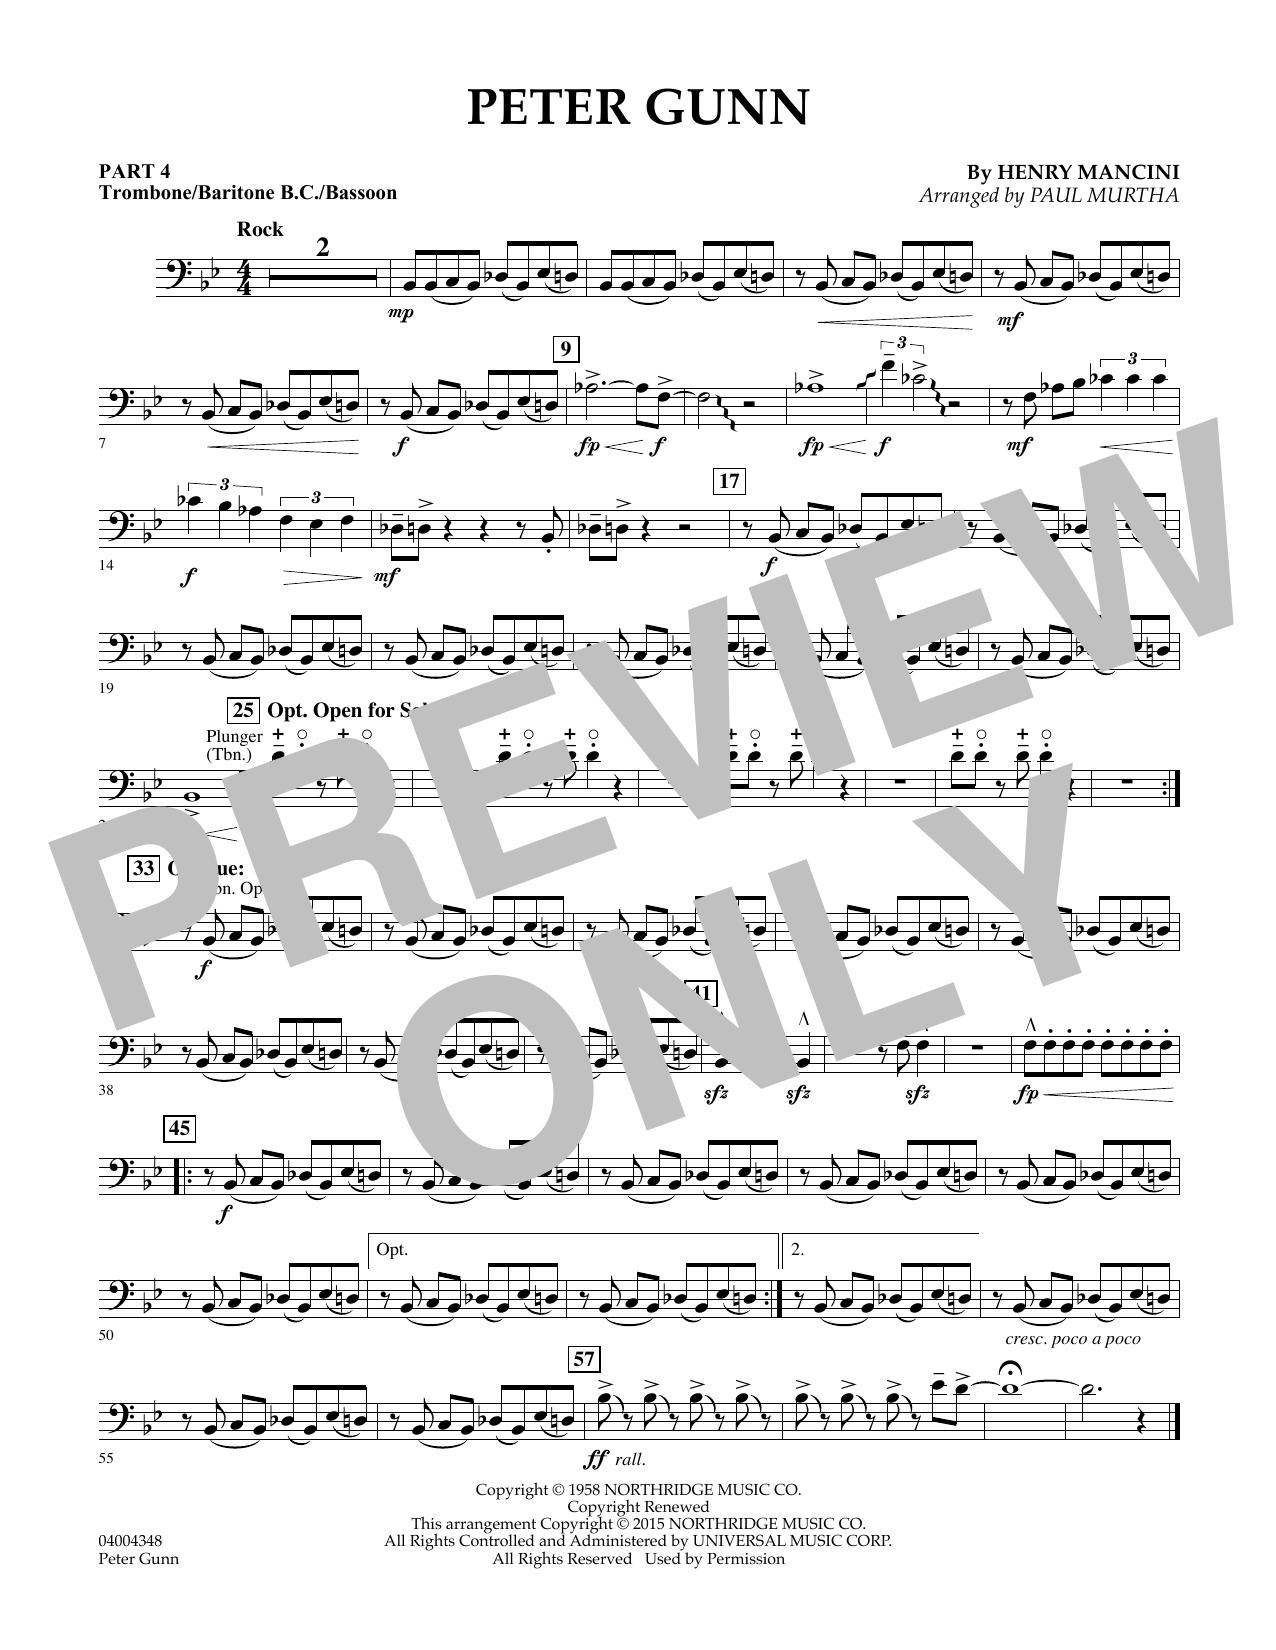 Peter Gunn - Pt.4 - Trombone/Bar. B.C./Bsn. (Concert Band: Flex-Band)